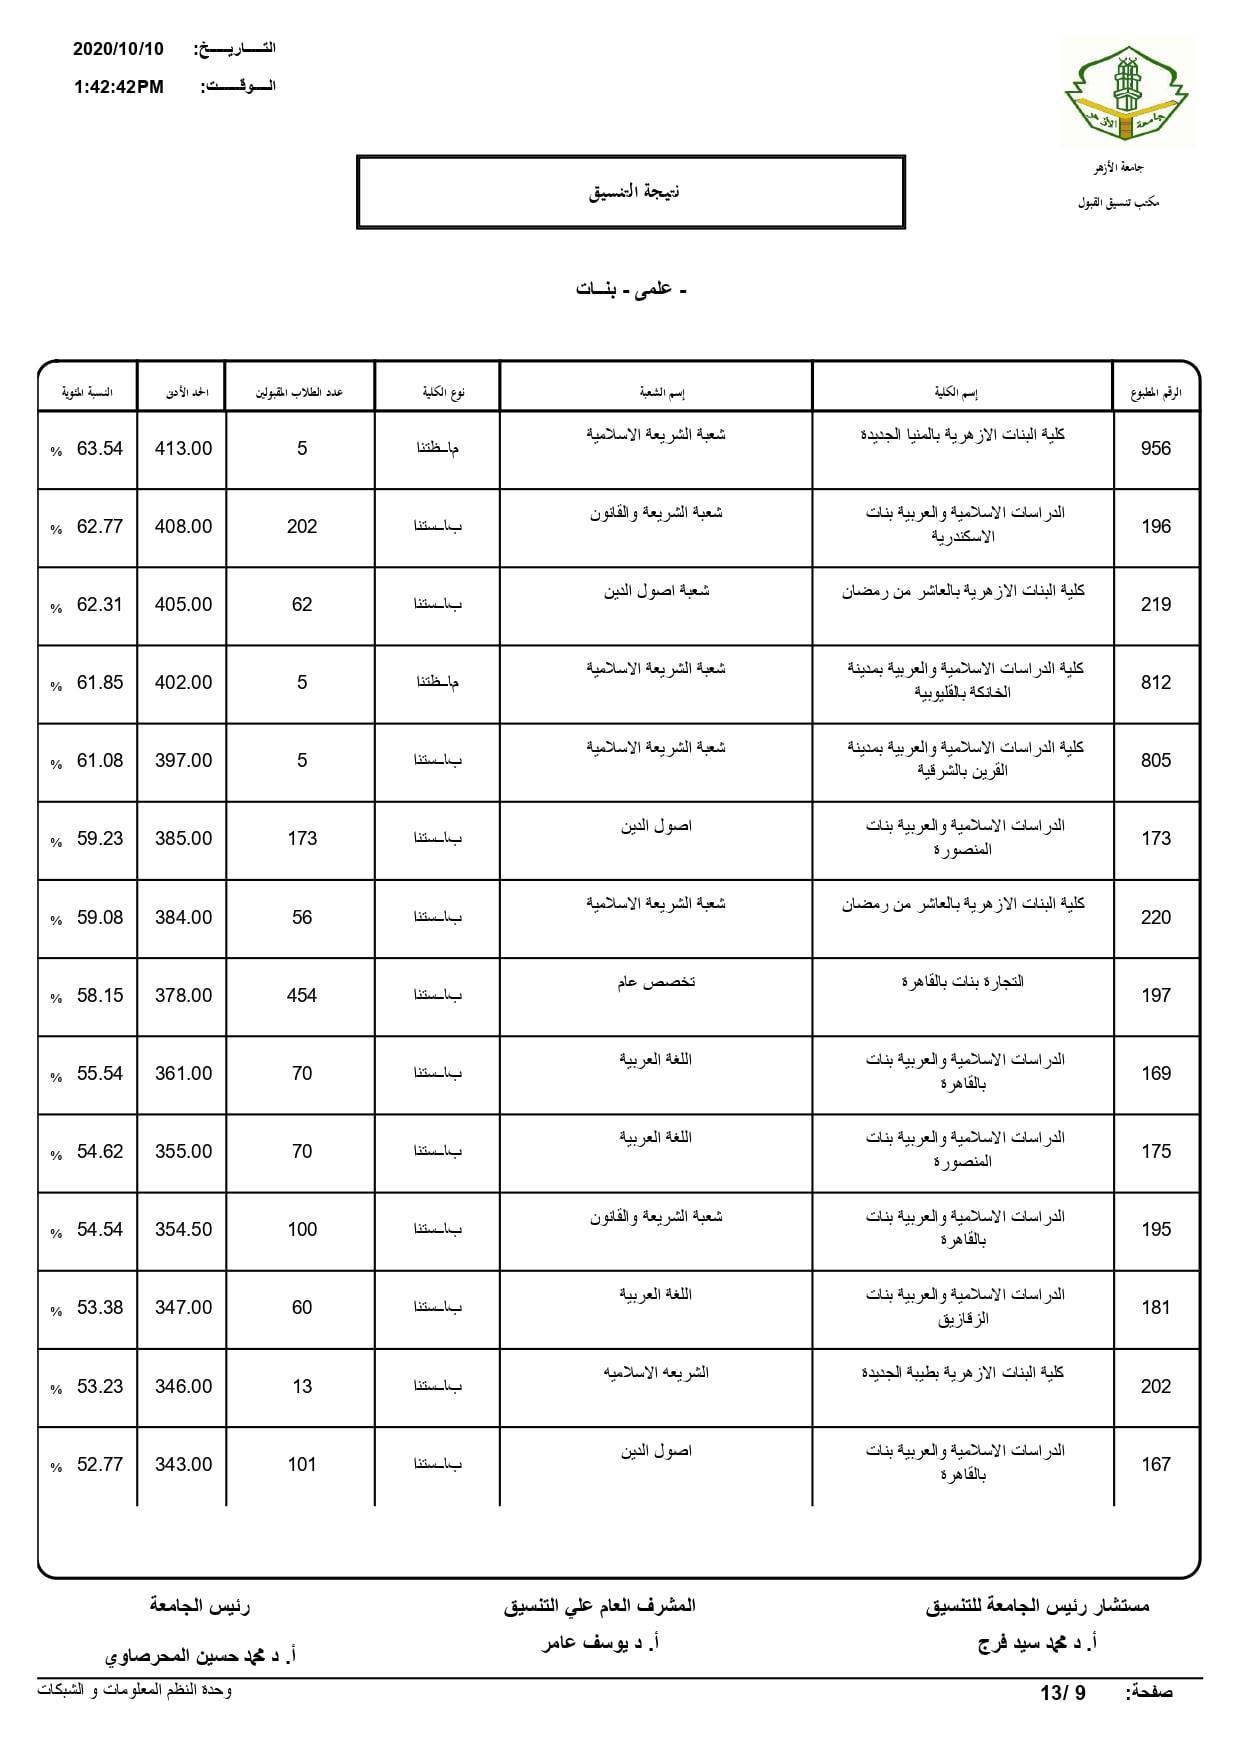 نتيجة تنسيق كليات جامعة الأزهر لعام 2020 بالكامل 20201010203421210